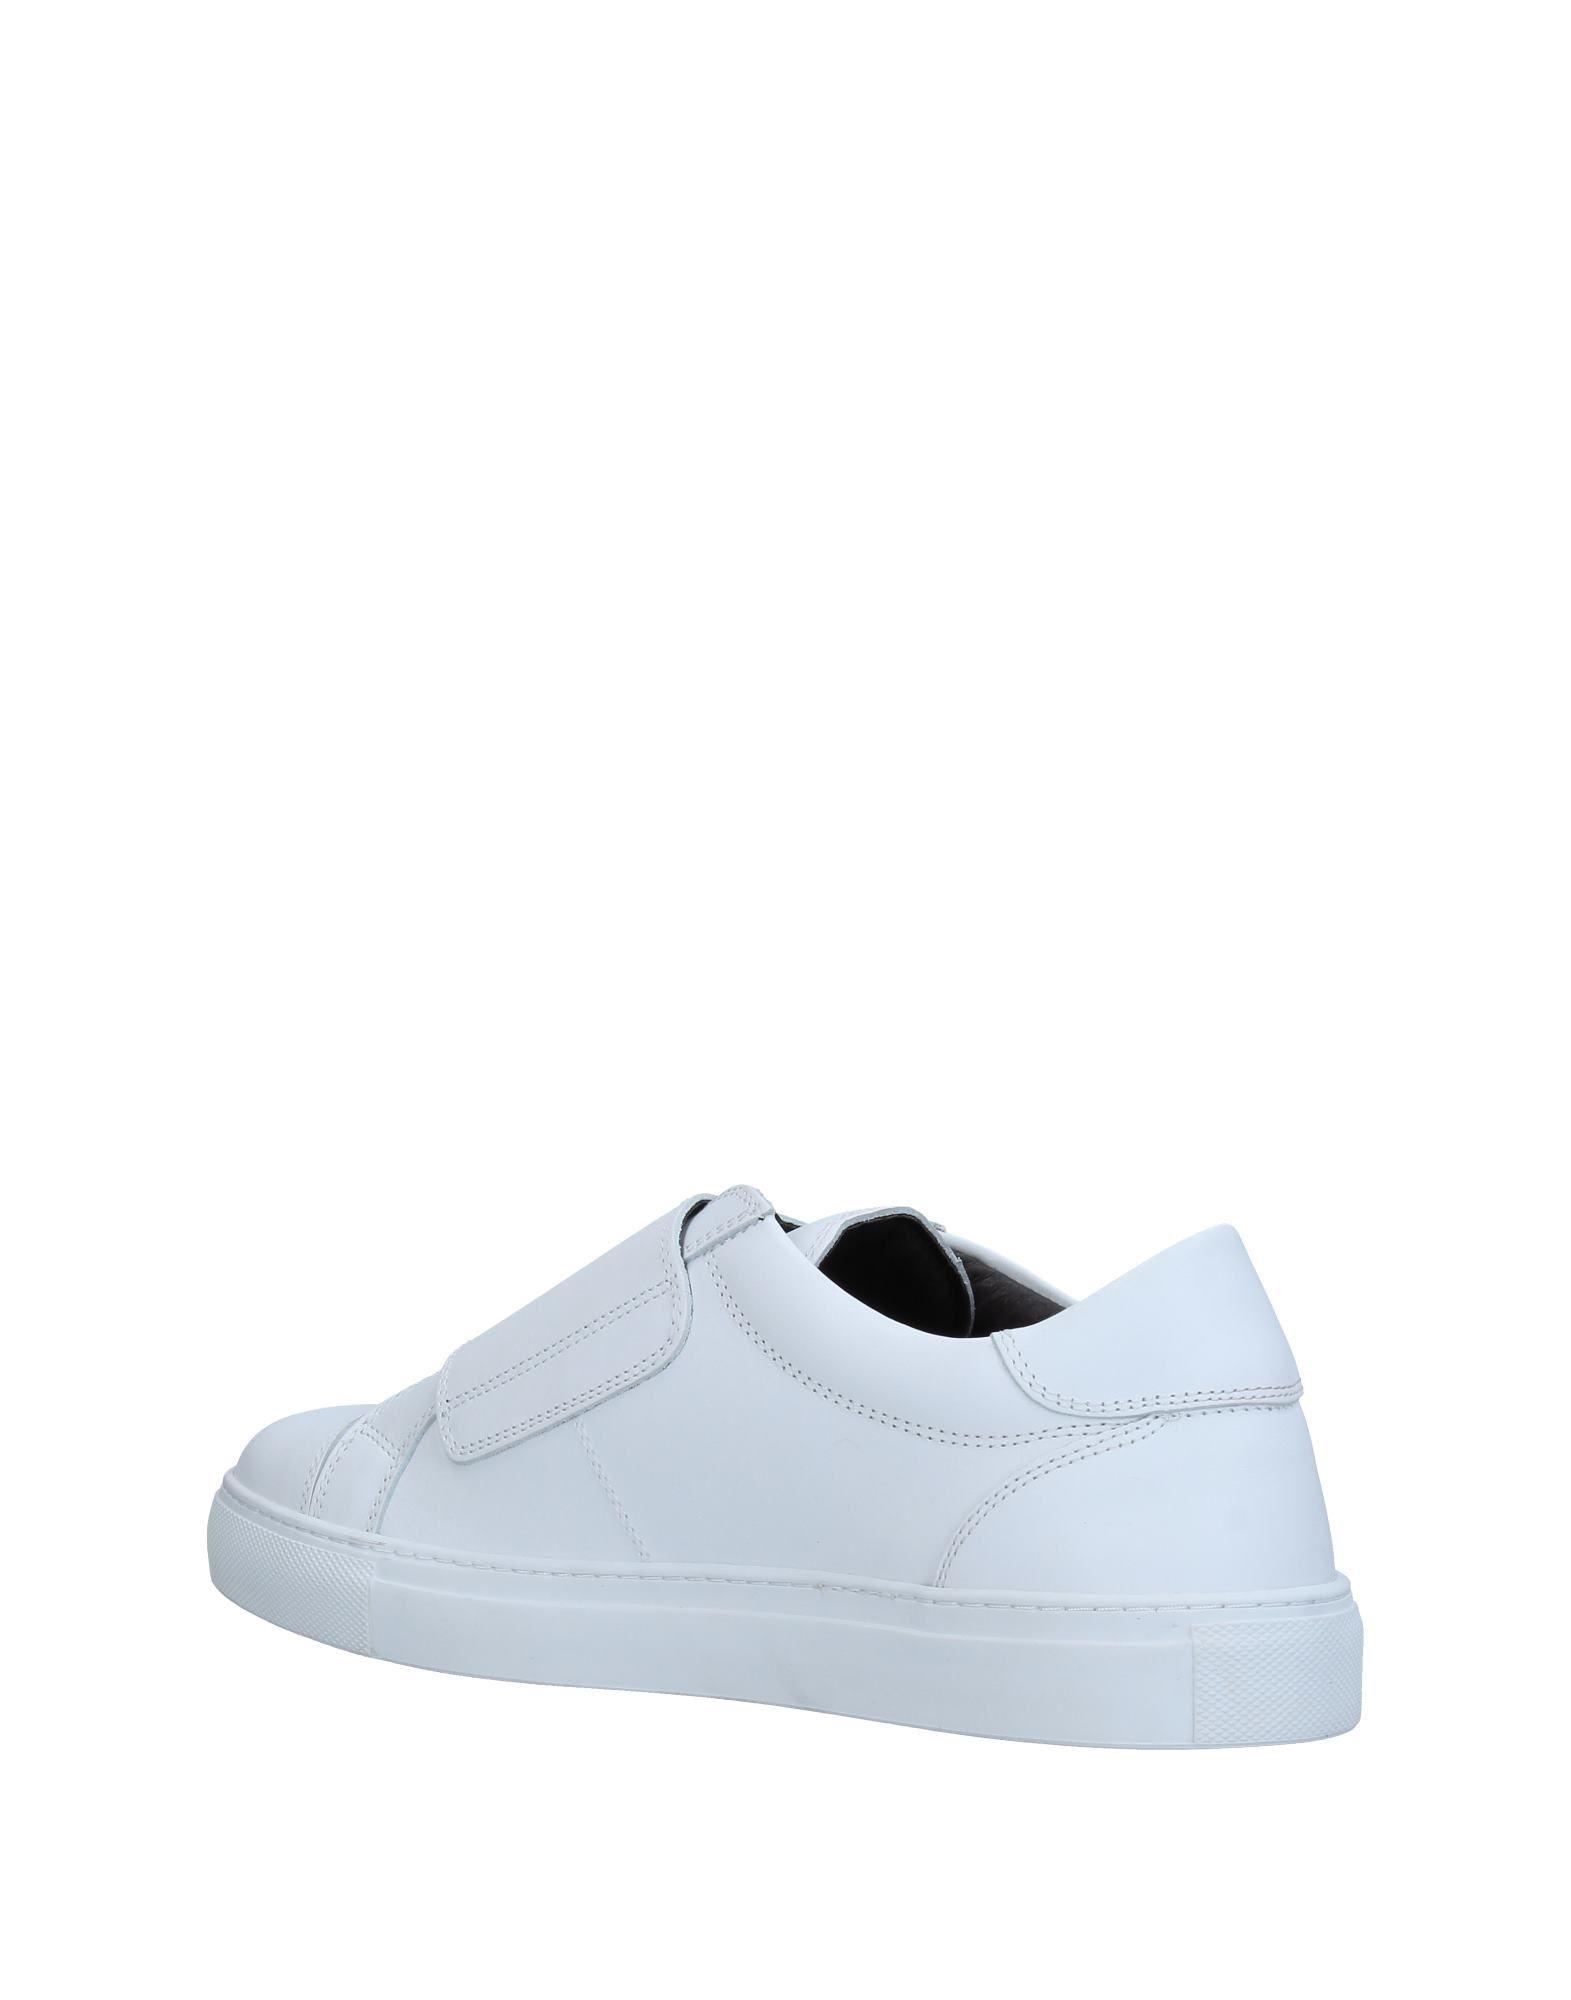 Pantofola D'oro Sneakers Herren Herren Sneakers  11338670EG fed6b5